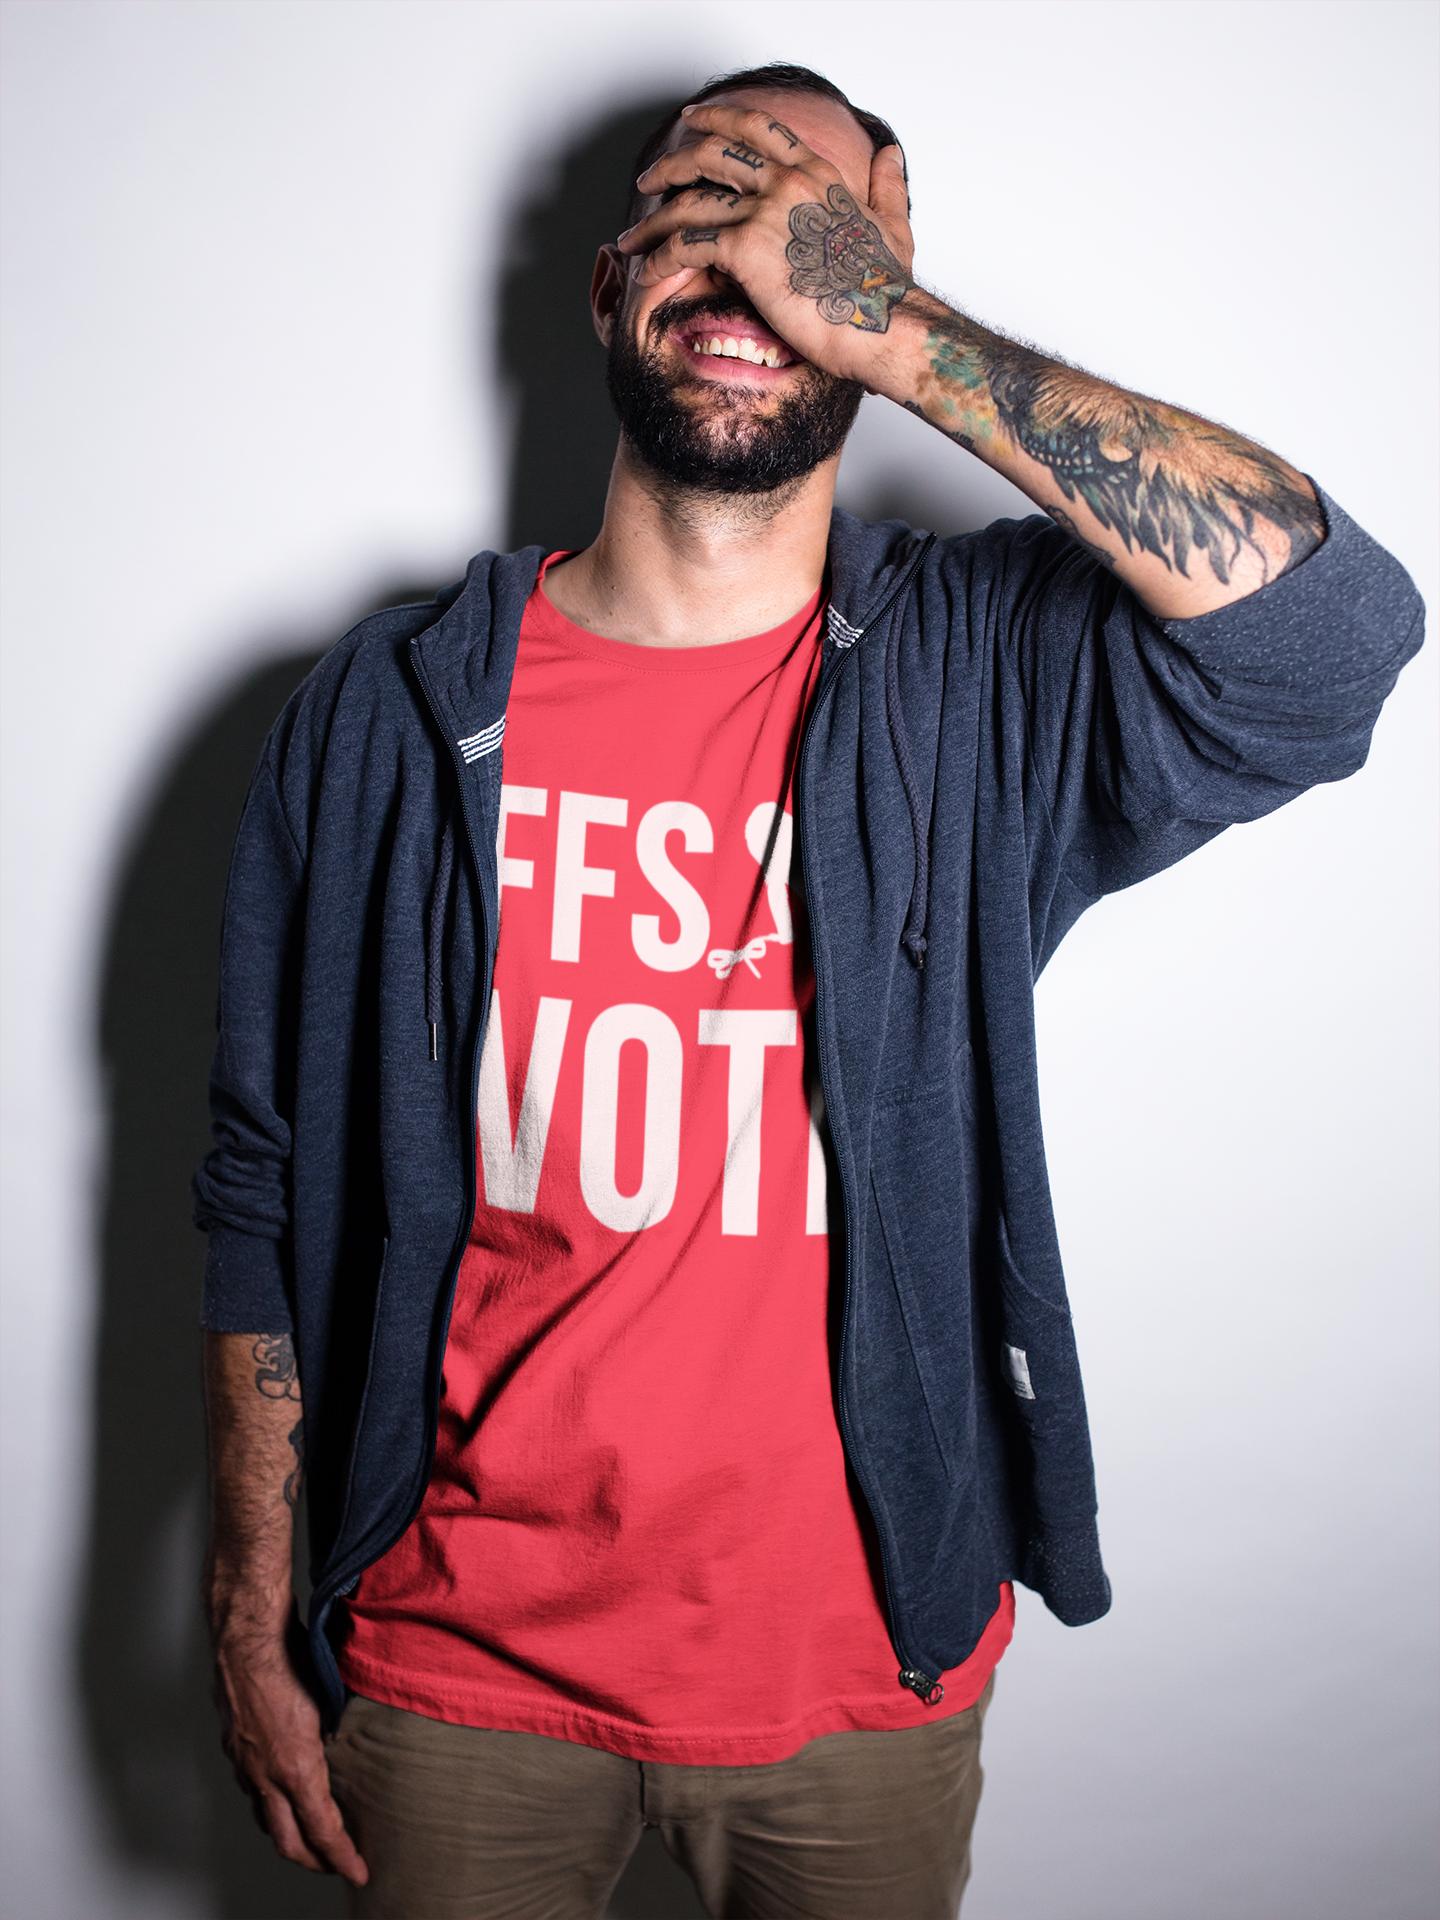 FFS Vote Unisex T-Shirt #shirtsale